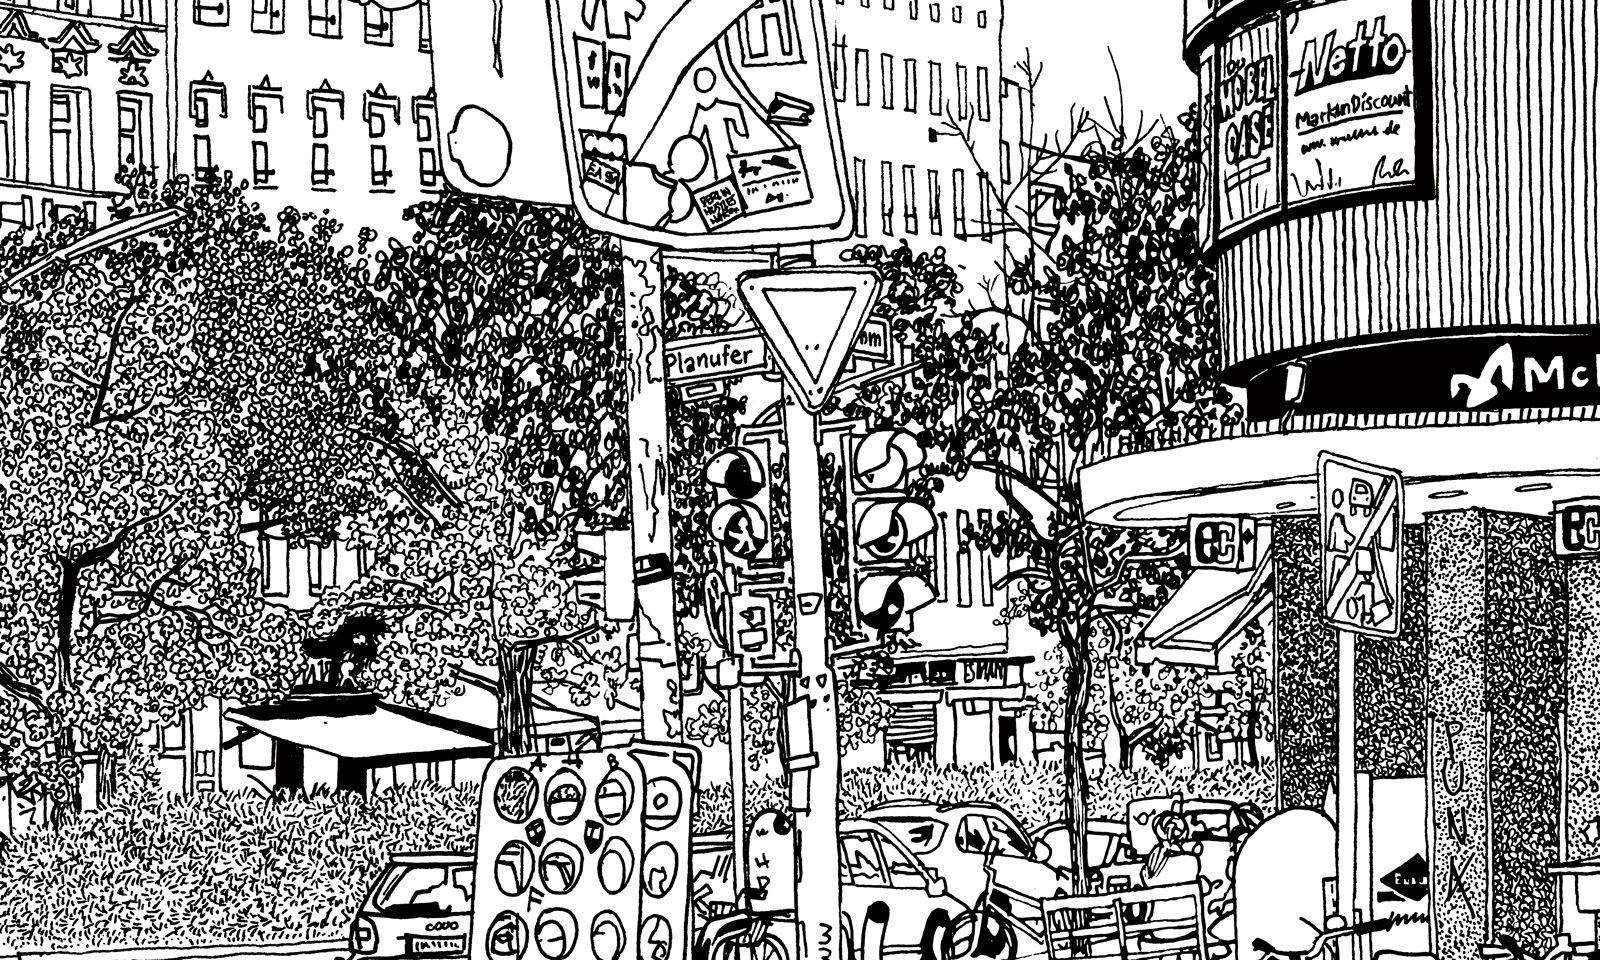 Filzstift. Der Schweizer Ingo Giezendanner legt zeichnerisch urbane Codes frei.